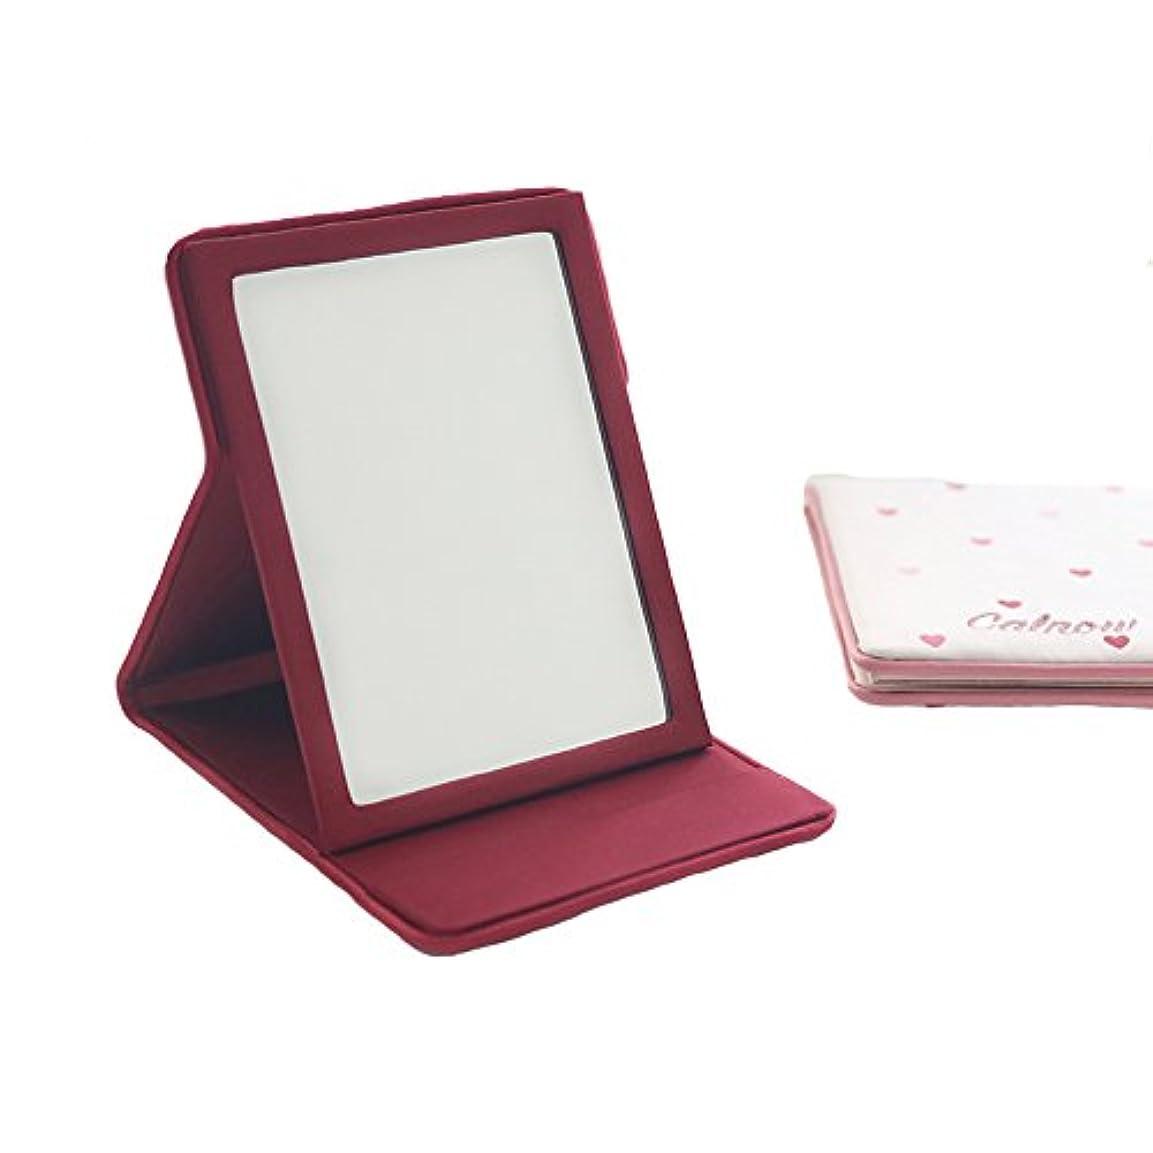 オートメーション意図的パズルMYOMYO化粧鏡 卓上ミラー 卓上スタンドミラー 折りたたみミラー 旅行鏡 旅行適用 (ピンク)